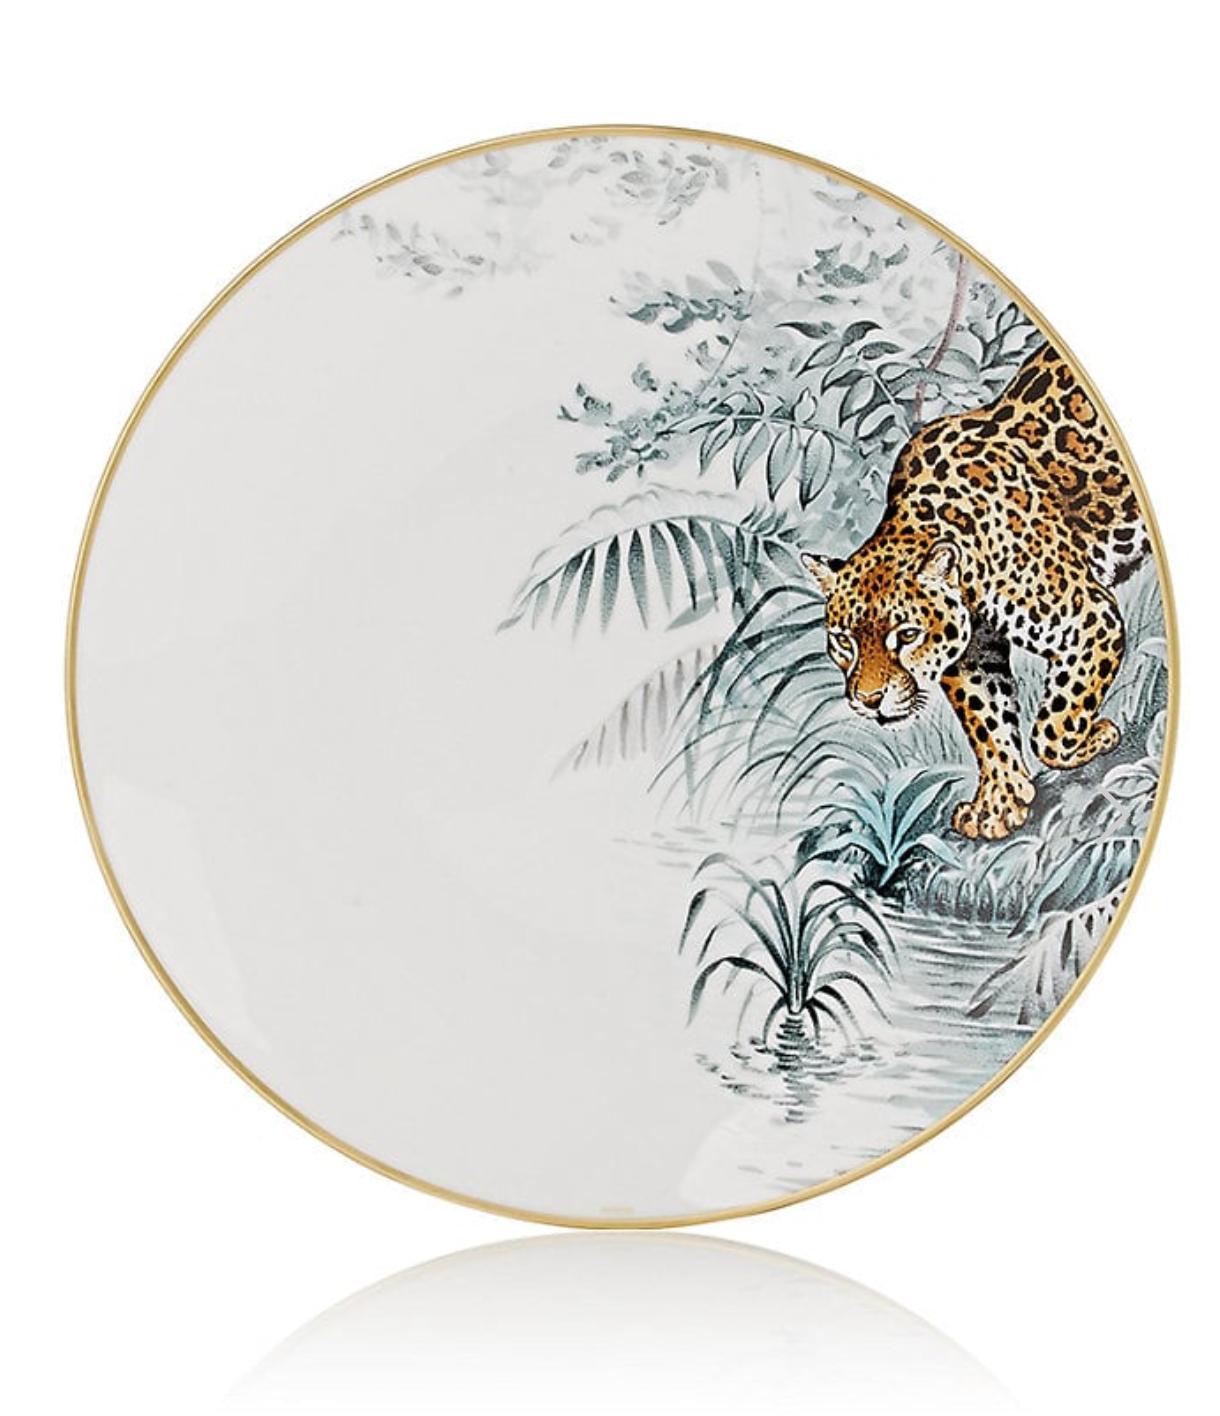 Hermes Dinner Plate